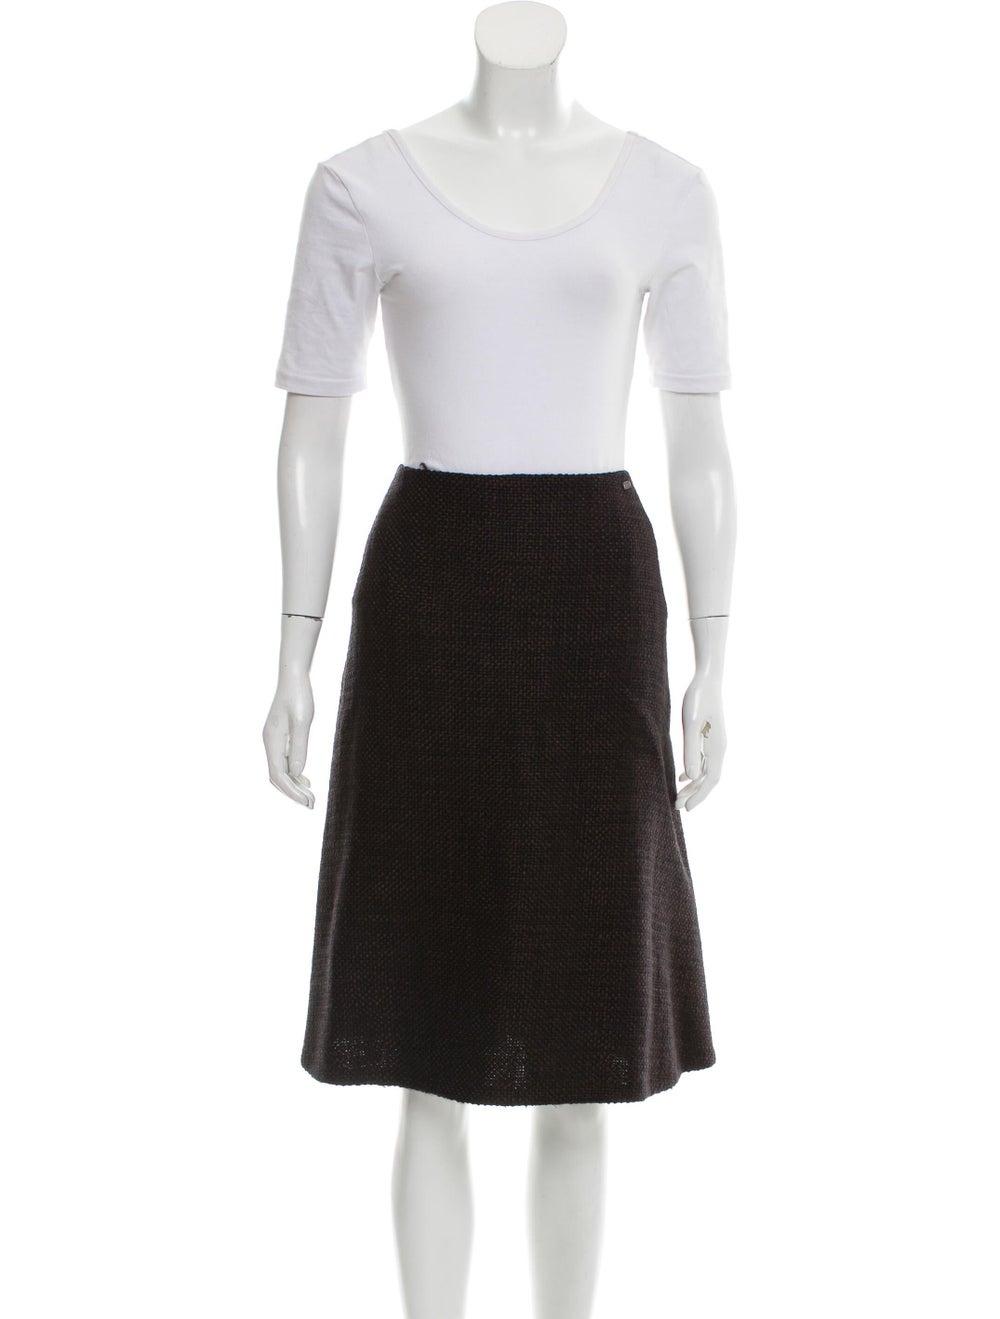 Chanel Wool Tweed Skirt Set wool - image 4